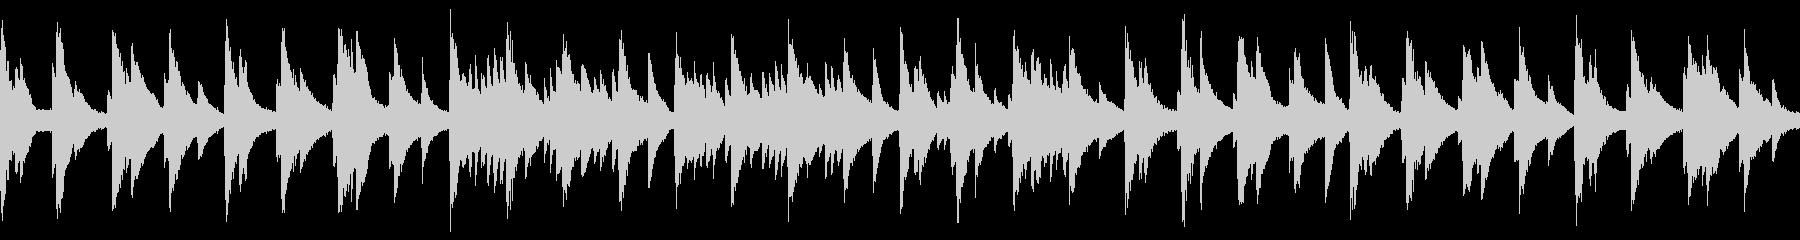 水底をイメージしたピアノBGM【ループ】の未再生の波形